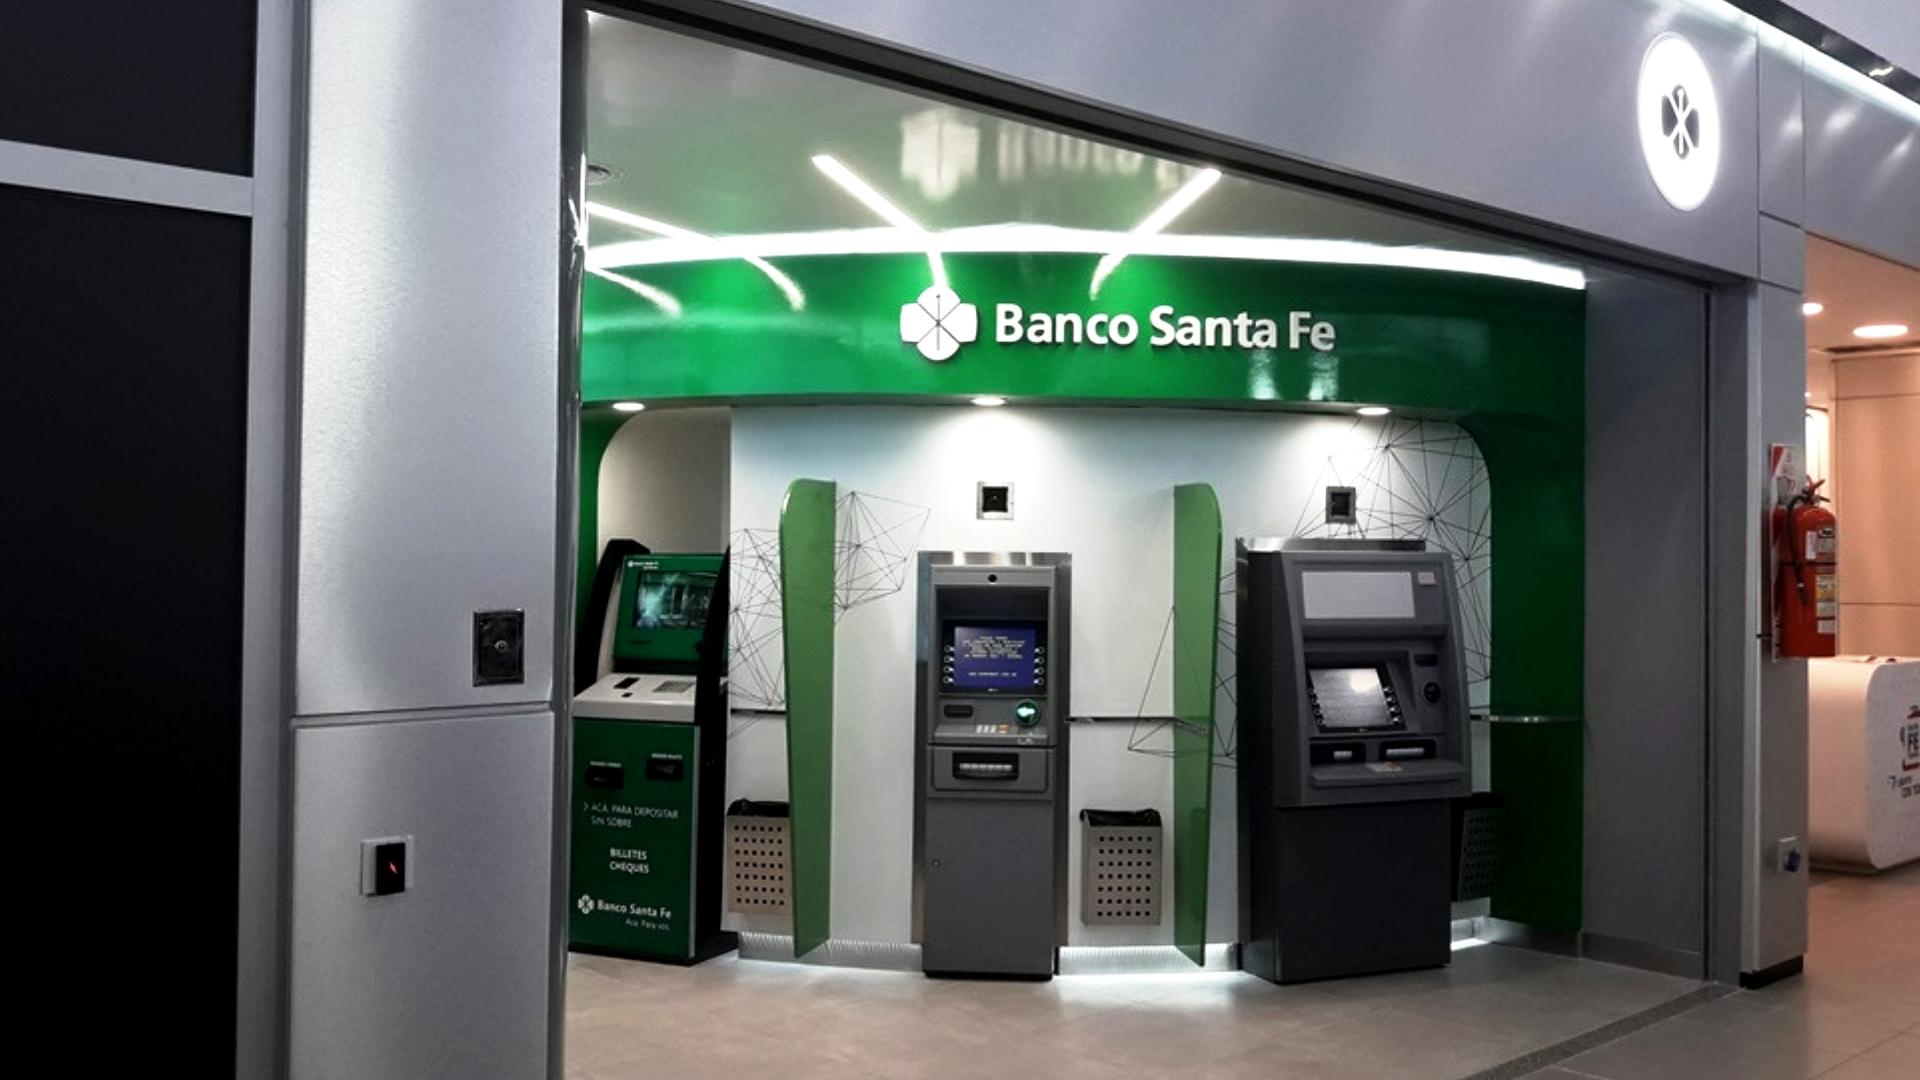 Banco Santa Fe: ya se puede retirar dinero en los cajeros automáticos sin tarjeta de débito | IMPULSO